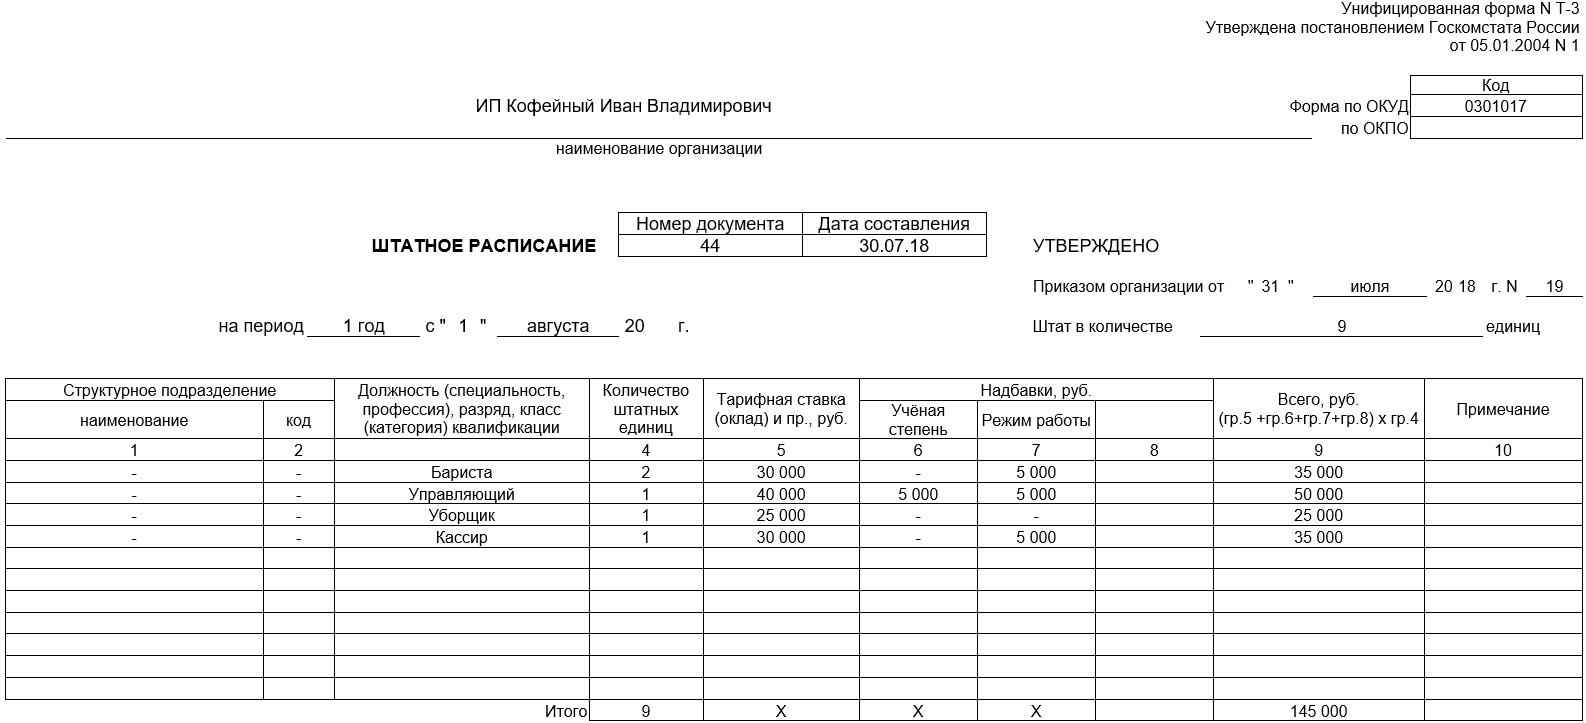 Штатное расписание для ип на вмененке. Как составить штатное расписание для ип. Обязаны ли предприниматели иметь штатное расписание? · Энциклопедия начинающего предпринимателя